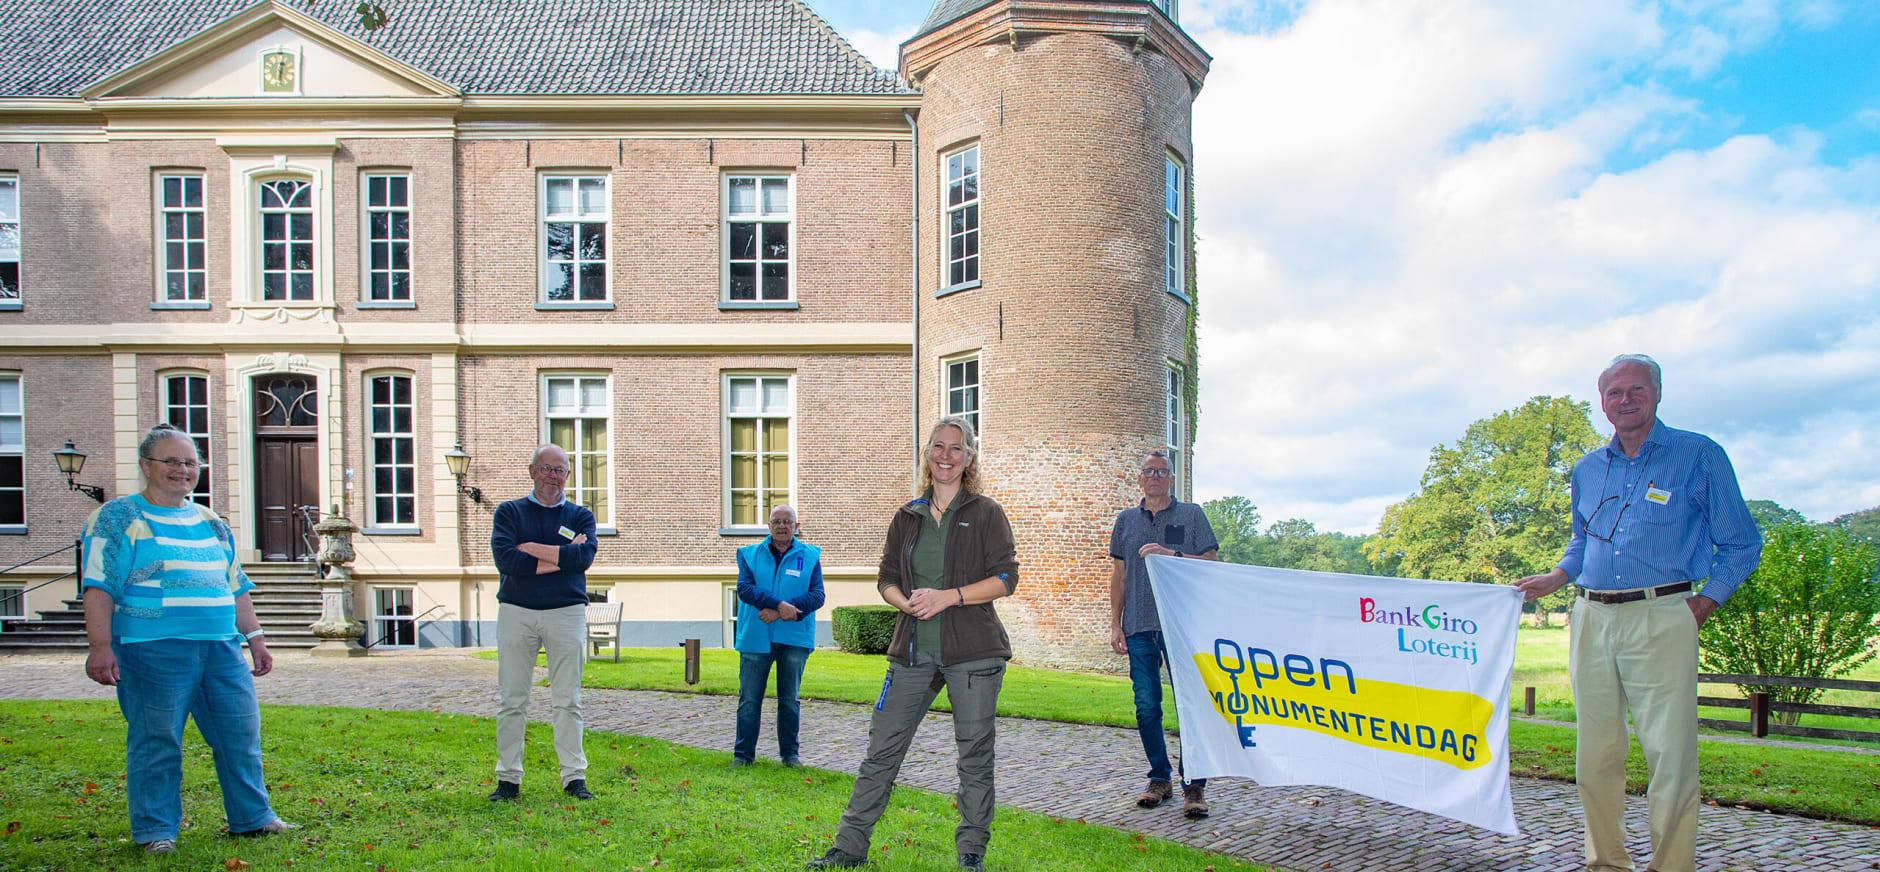 De organisatie van de open monumentendagen heeft er weer zin in!